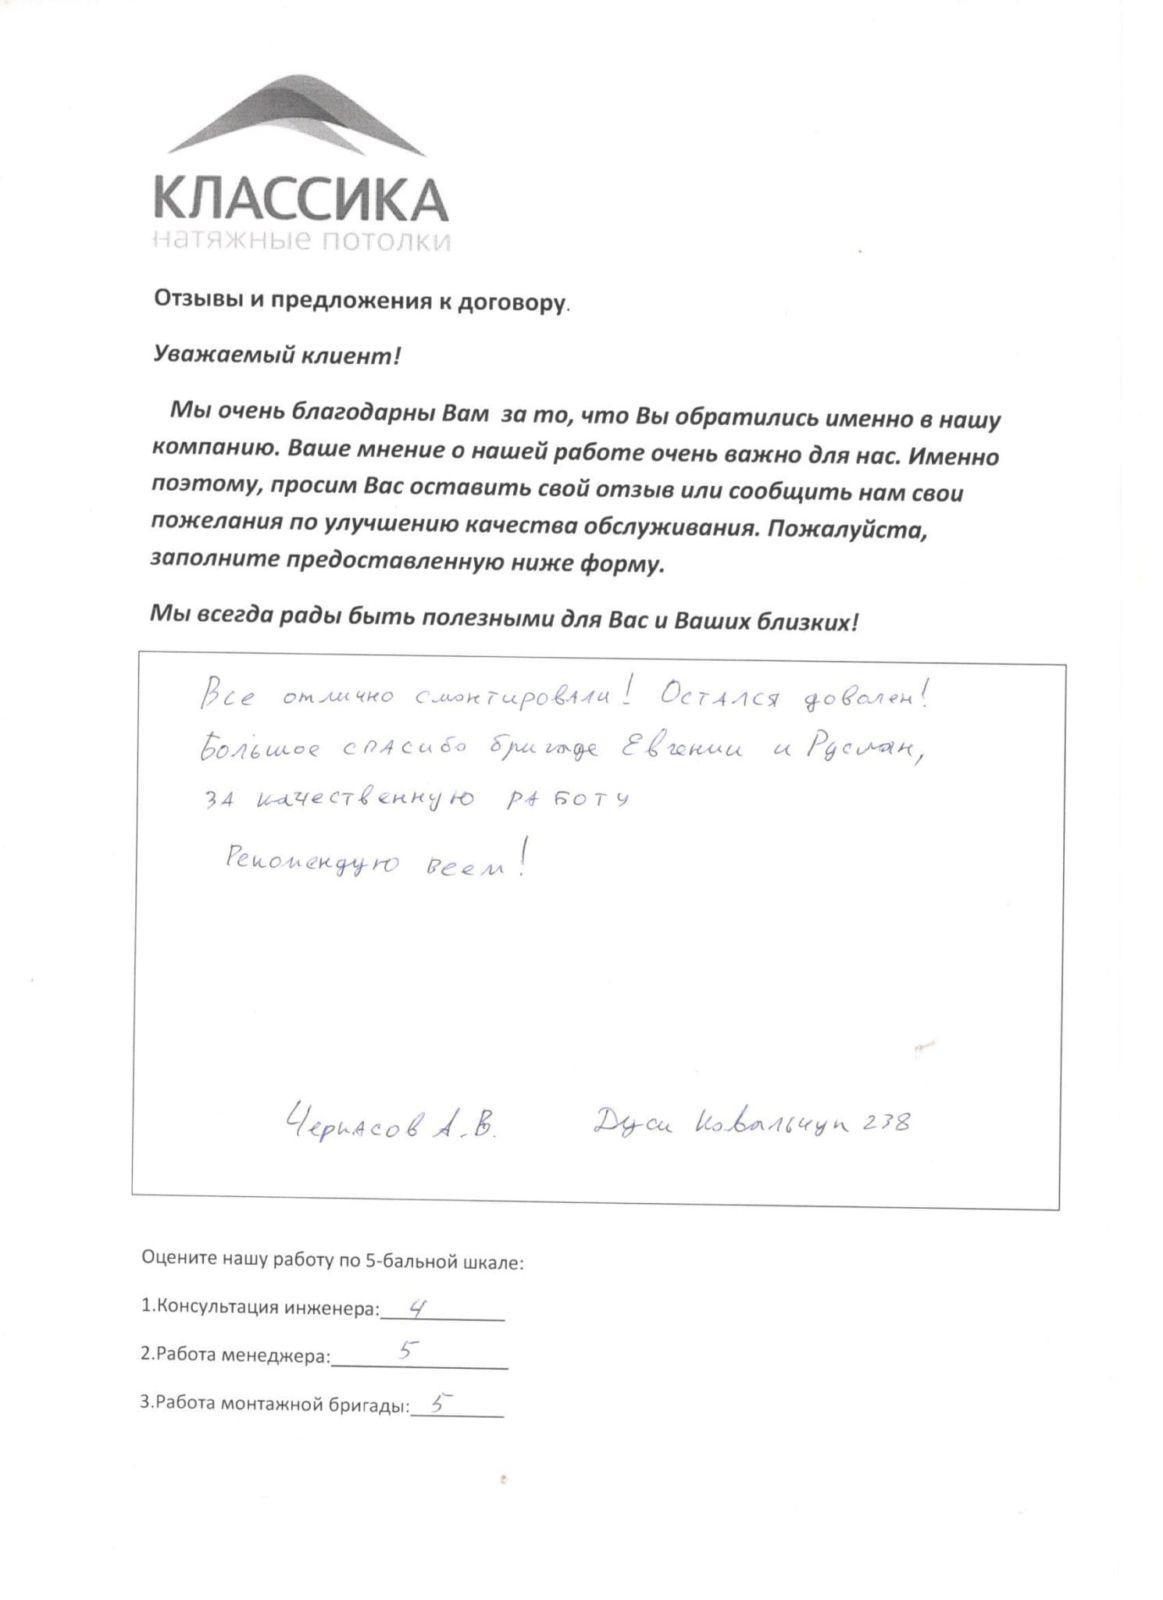 Отзыв Черкасов А.В.